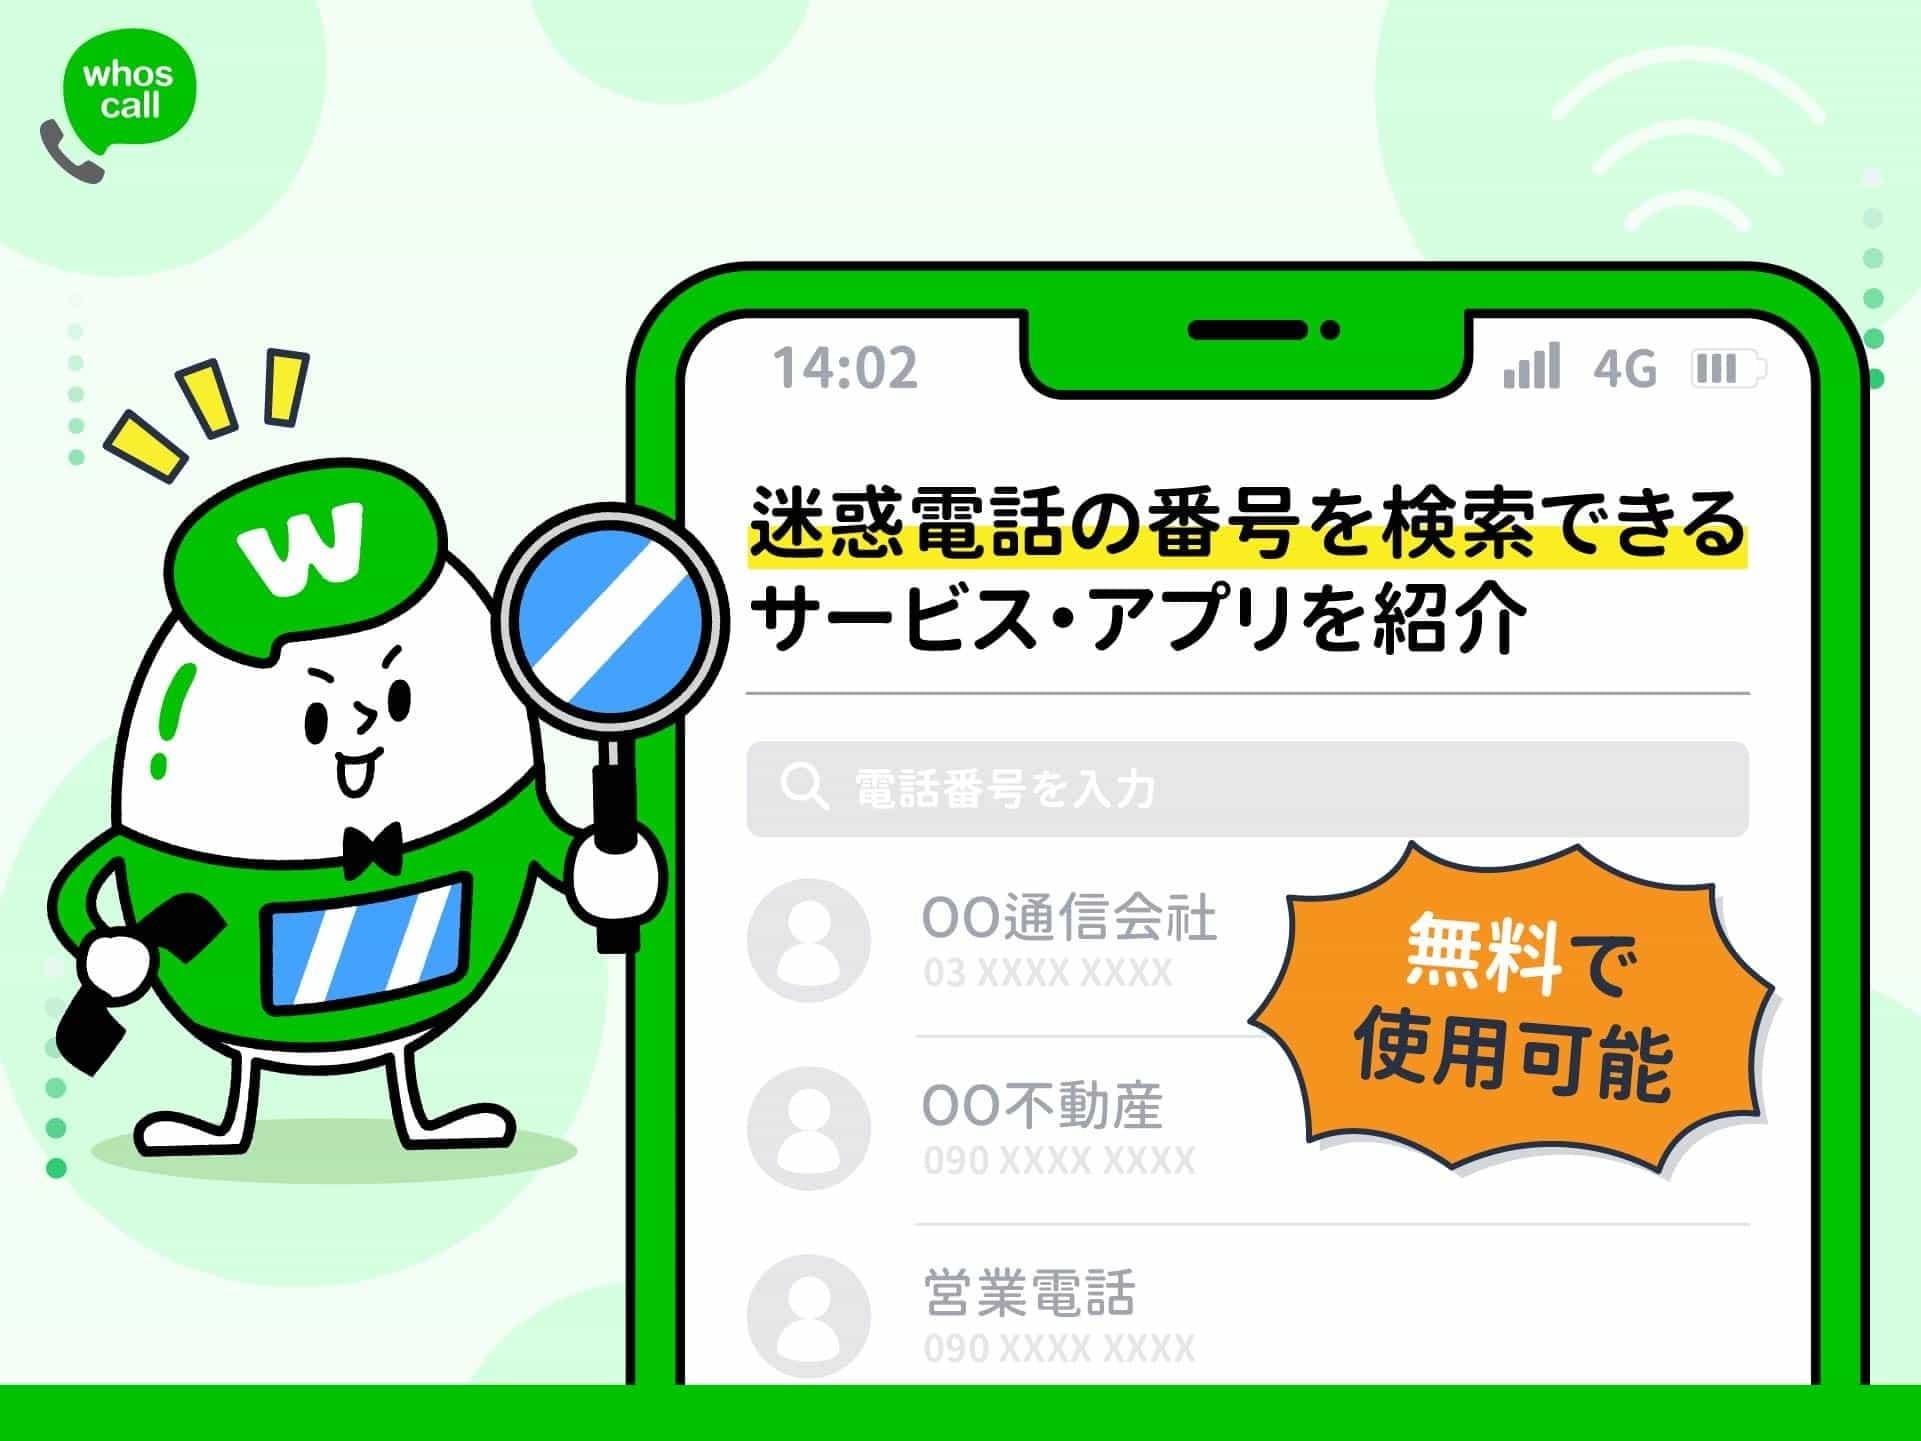 迷惑電話の番号を検索できるサービス・アプリを紹介